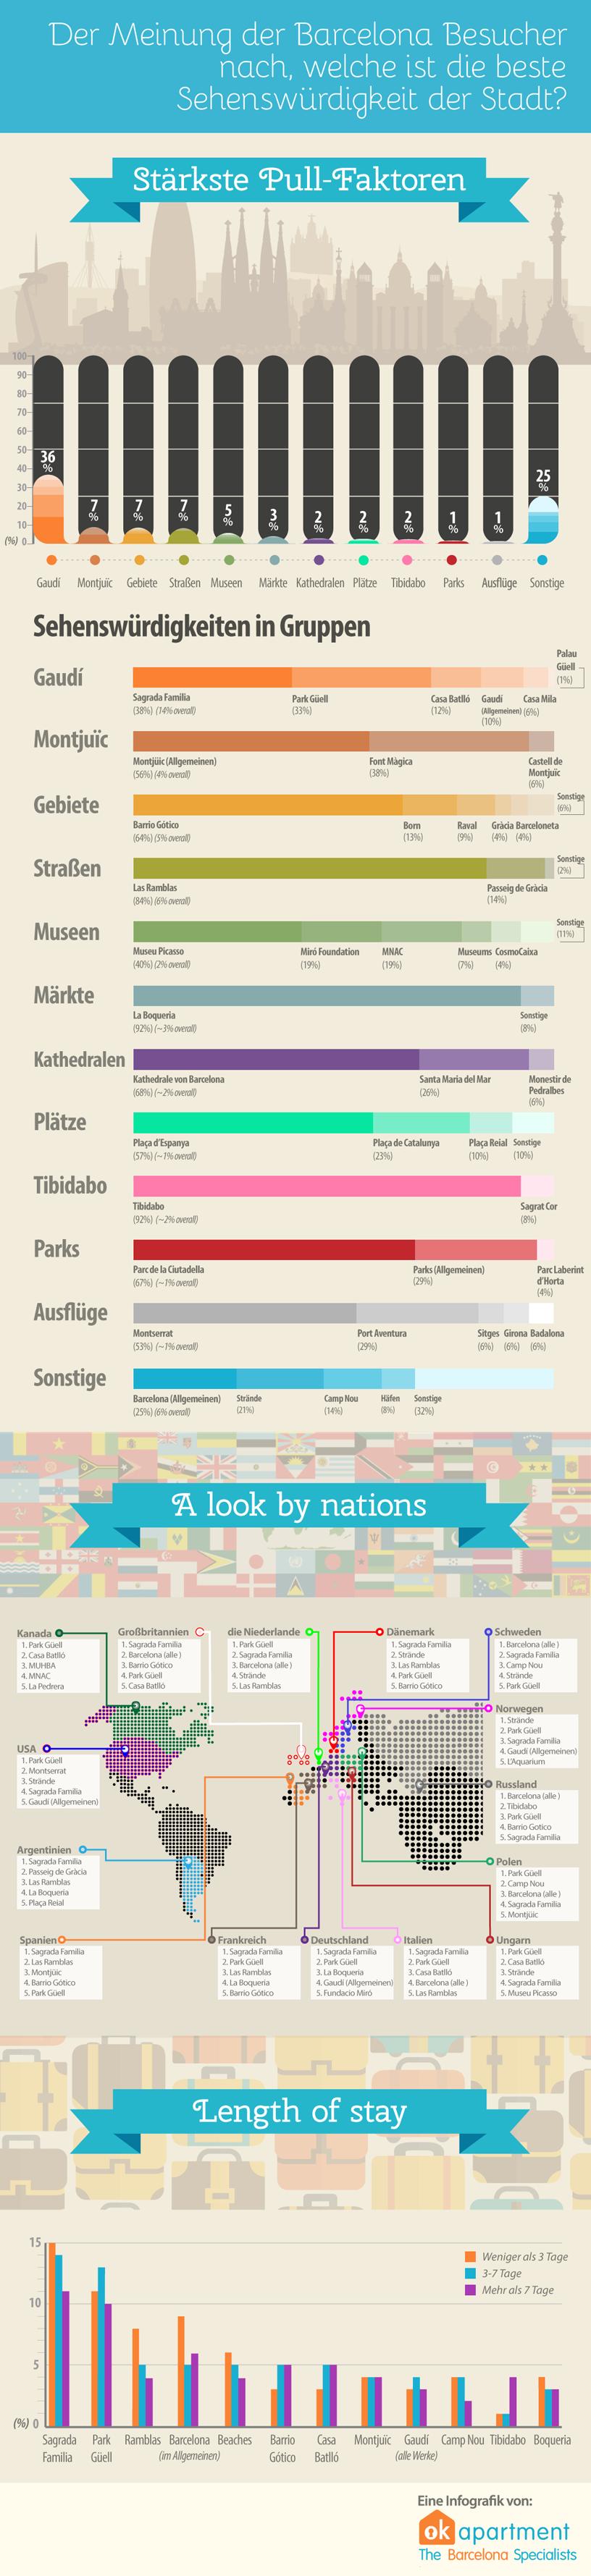 Infografik: Welche ist die beste Sehenswürdigkeit in Barcelona?